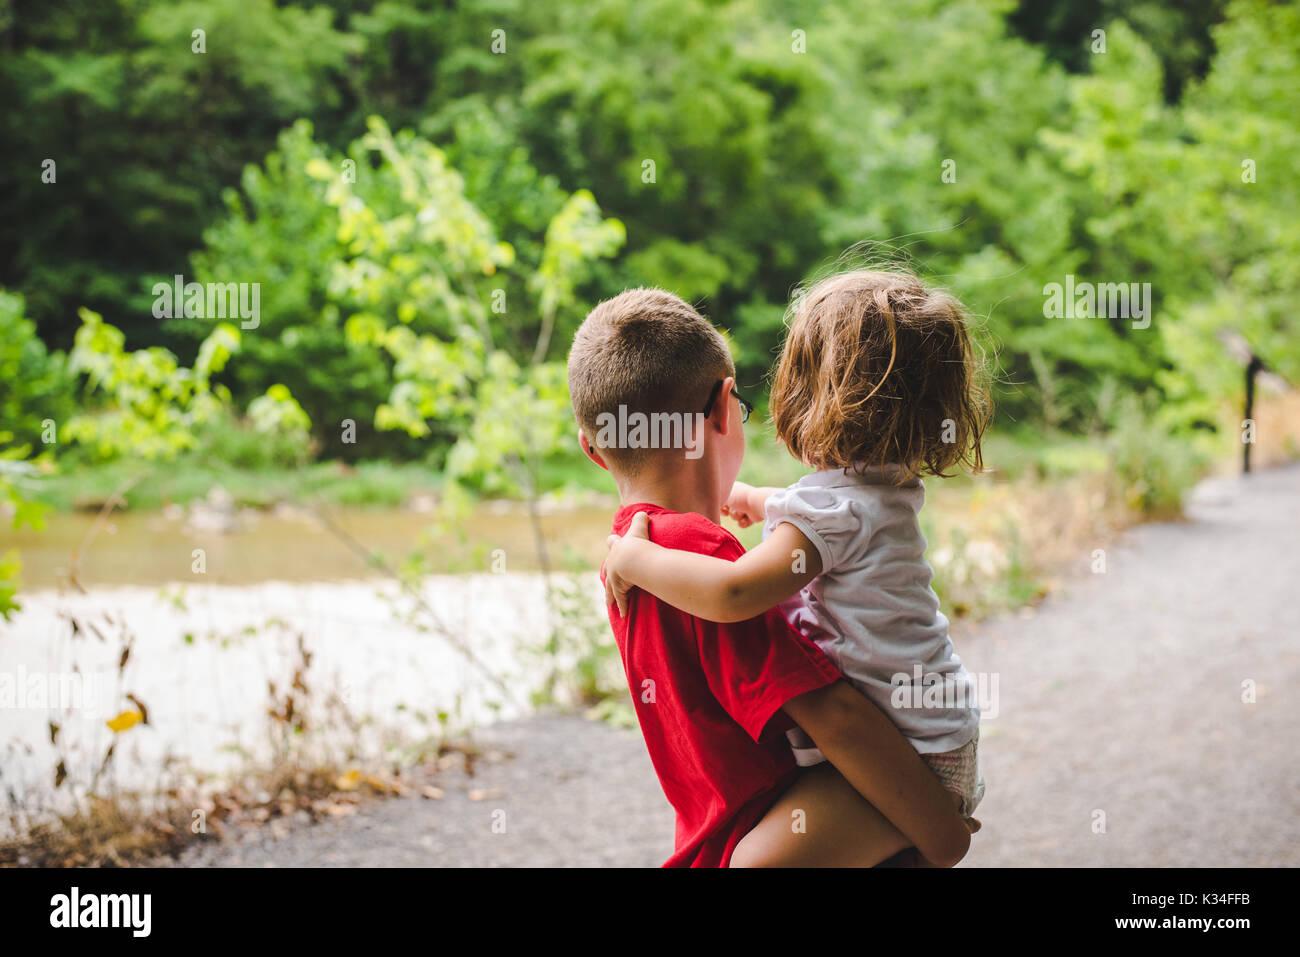 Un ragazzino che tiene una bambina su una strada fiancheggiata da alberi. Immagini Stock